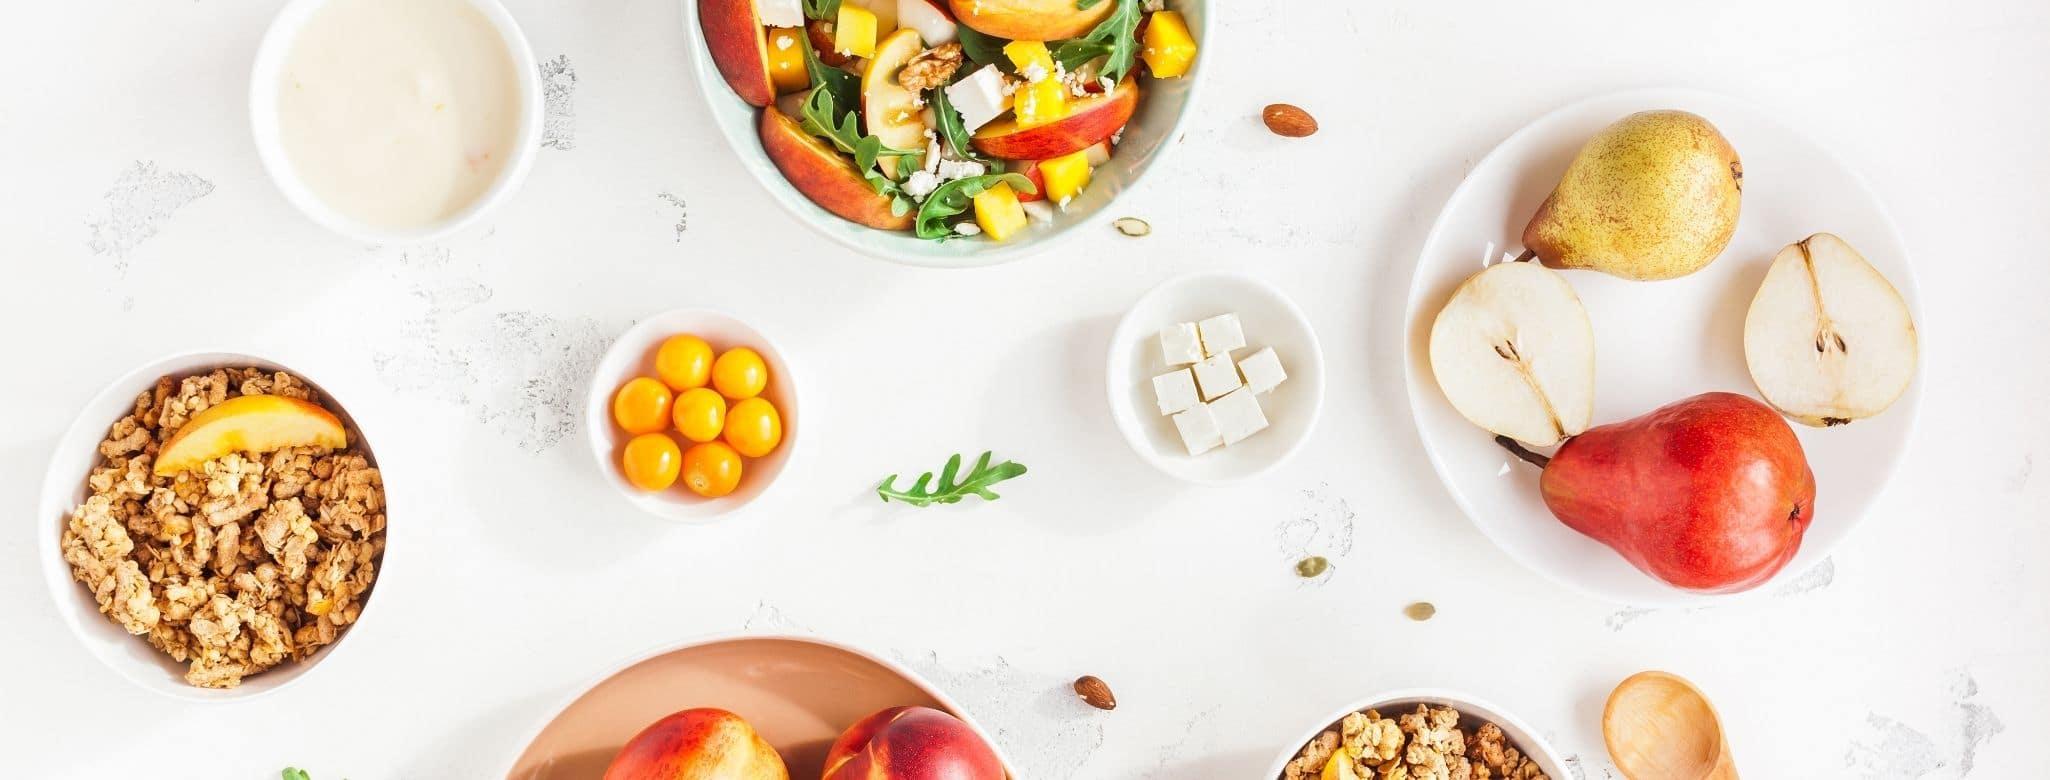 Shelf Food and Nutrition